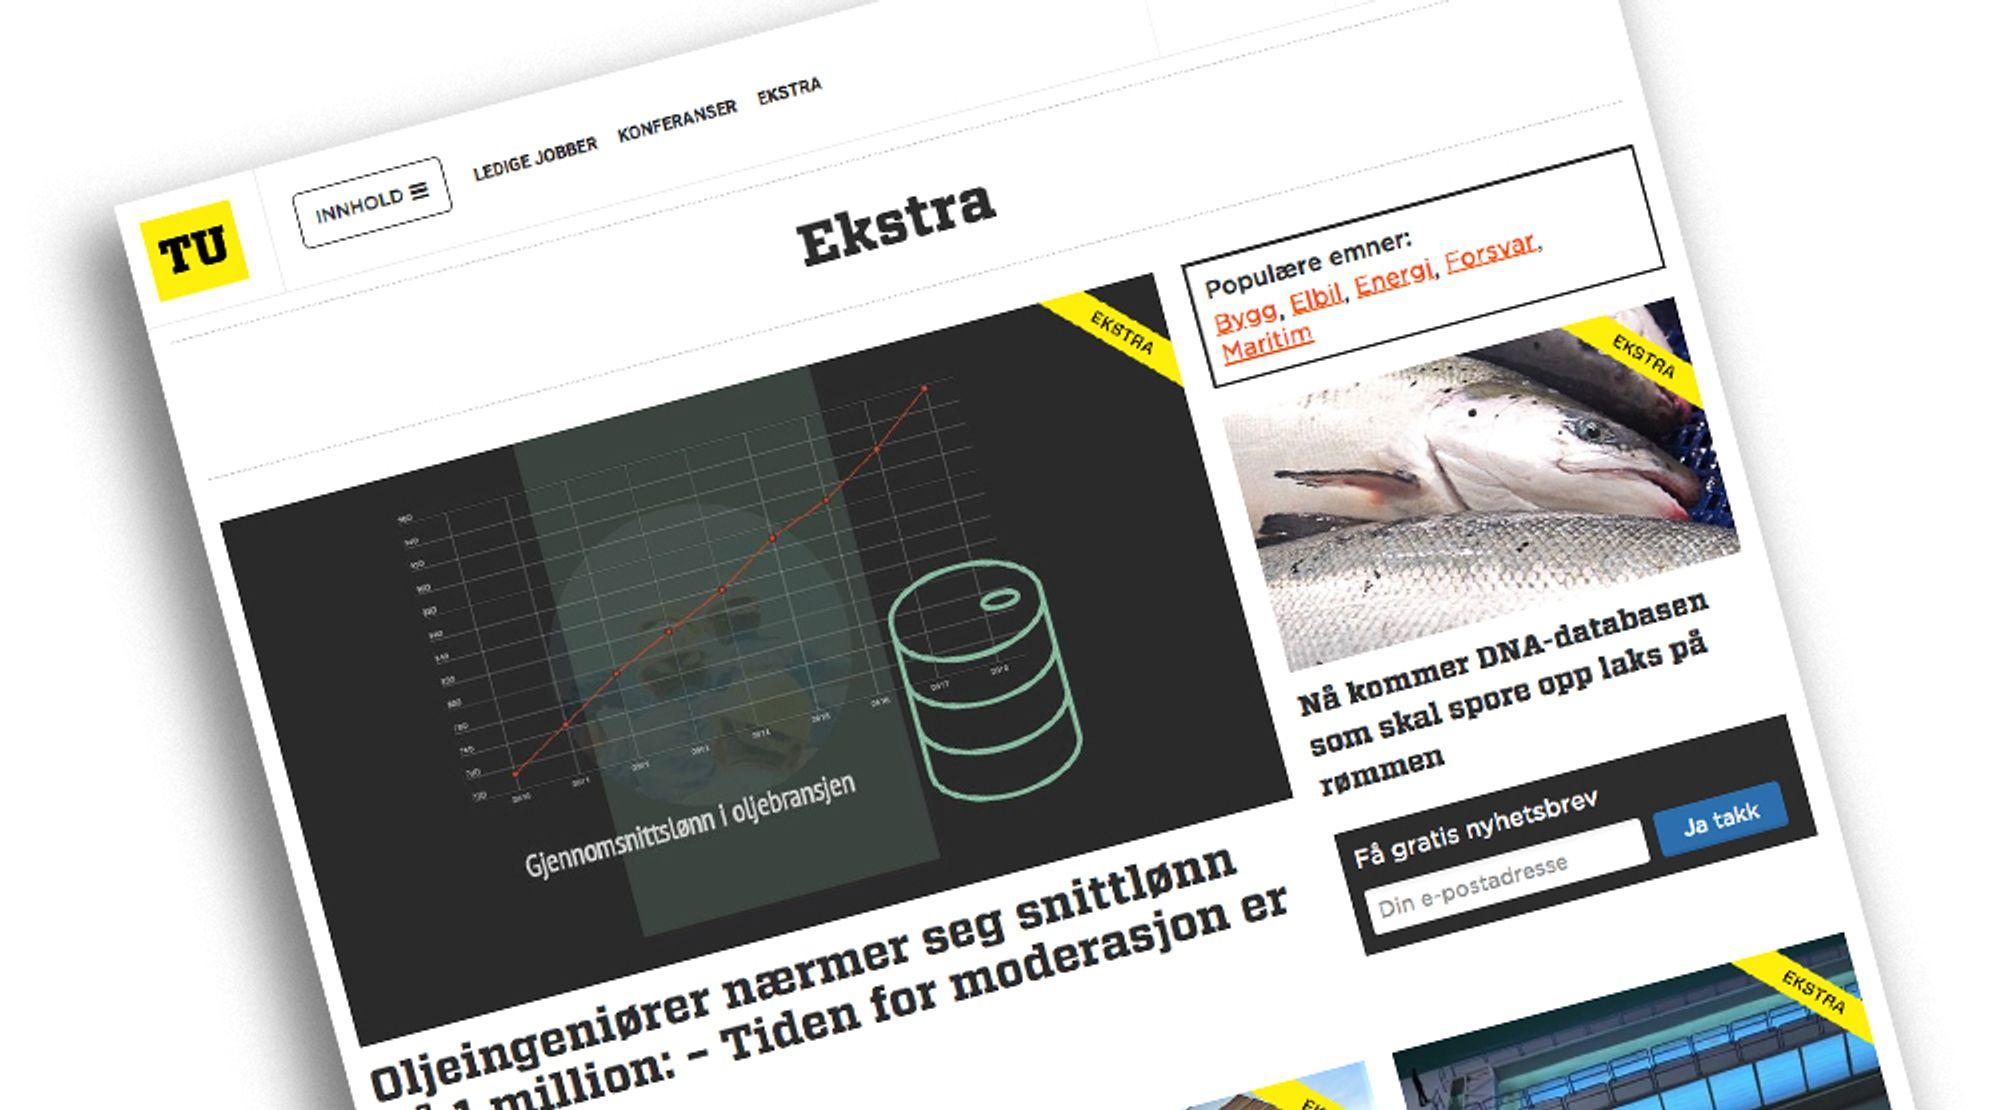 Fra og med mandag 10. desember får abonnenter av TU Ekstra tilgang til fire eksklusive artikler om dagen, unntatt i ferier og høytider.